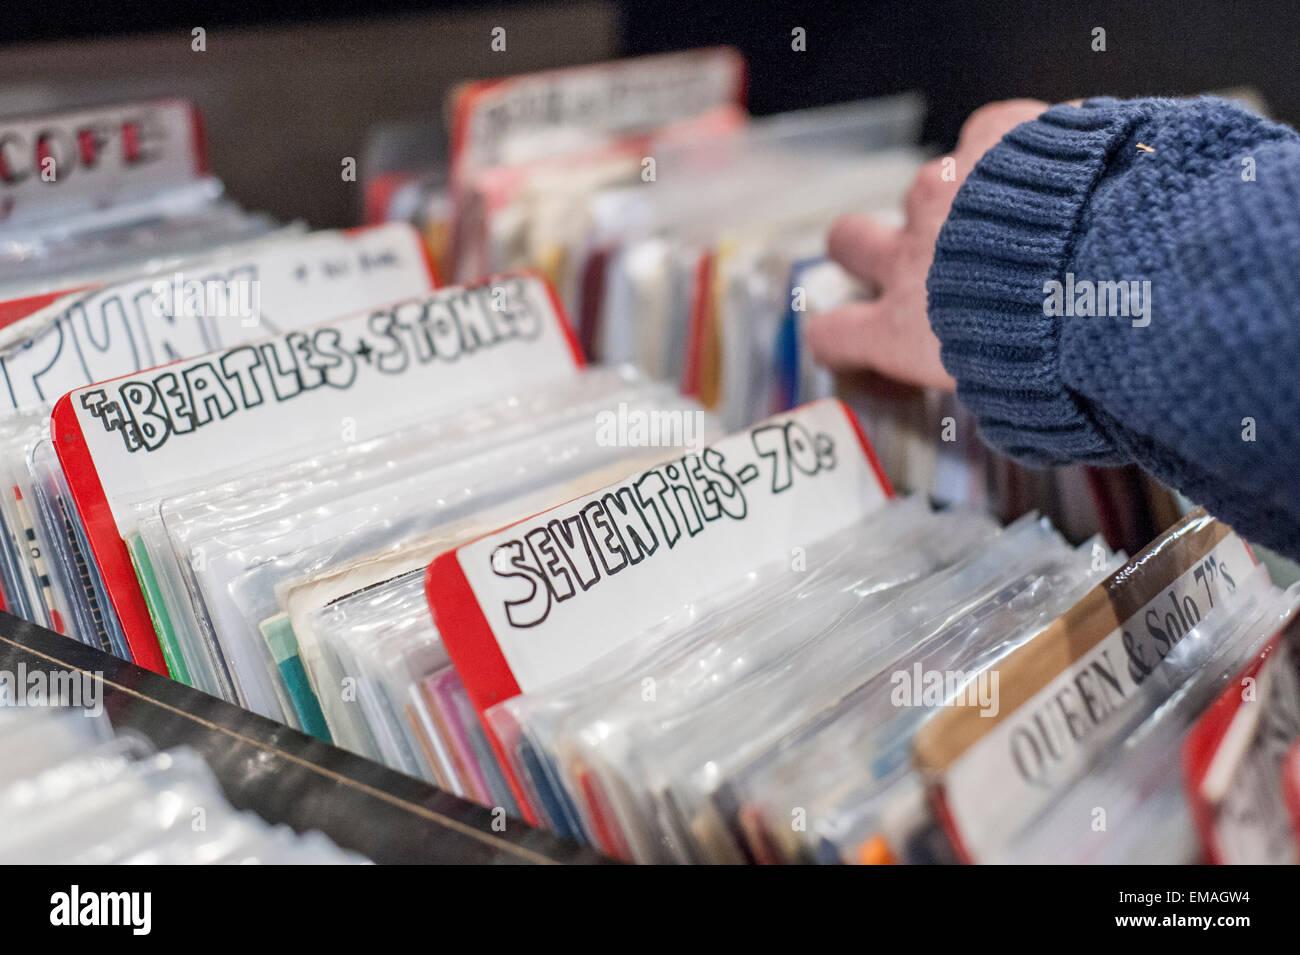 Londres, Royaume-Uni. 18 avril 2015. La musique des années 70 en vente comme les amateurs de musique vinyle Photo Stock